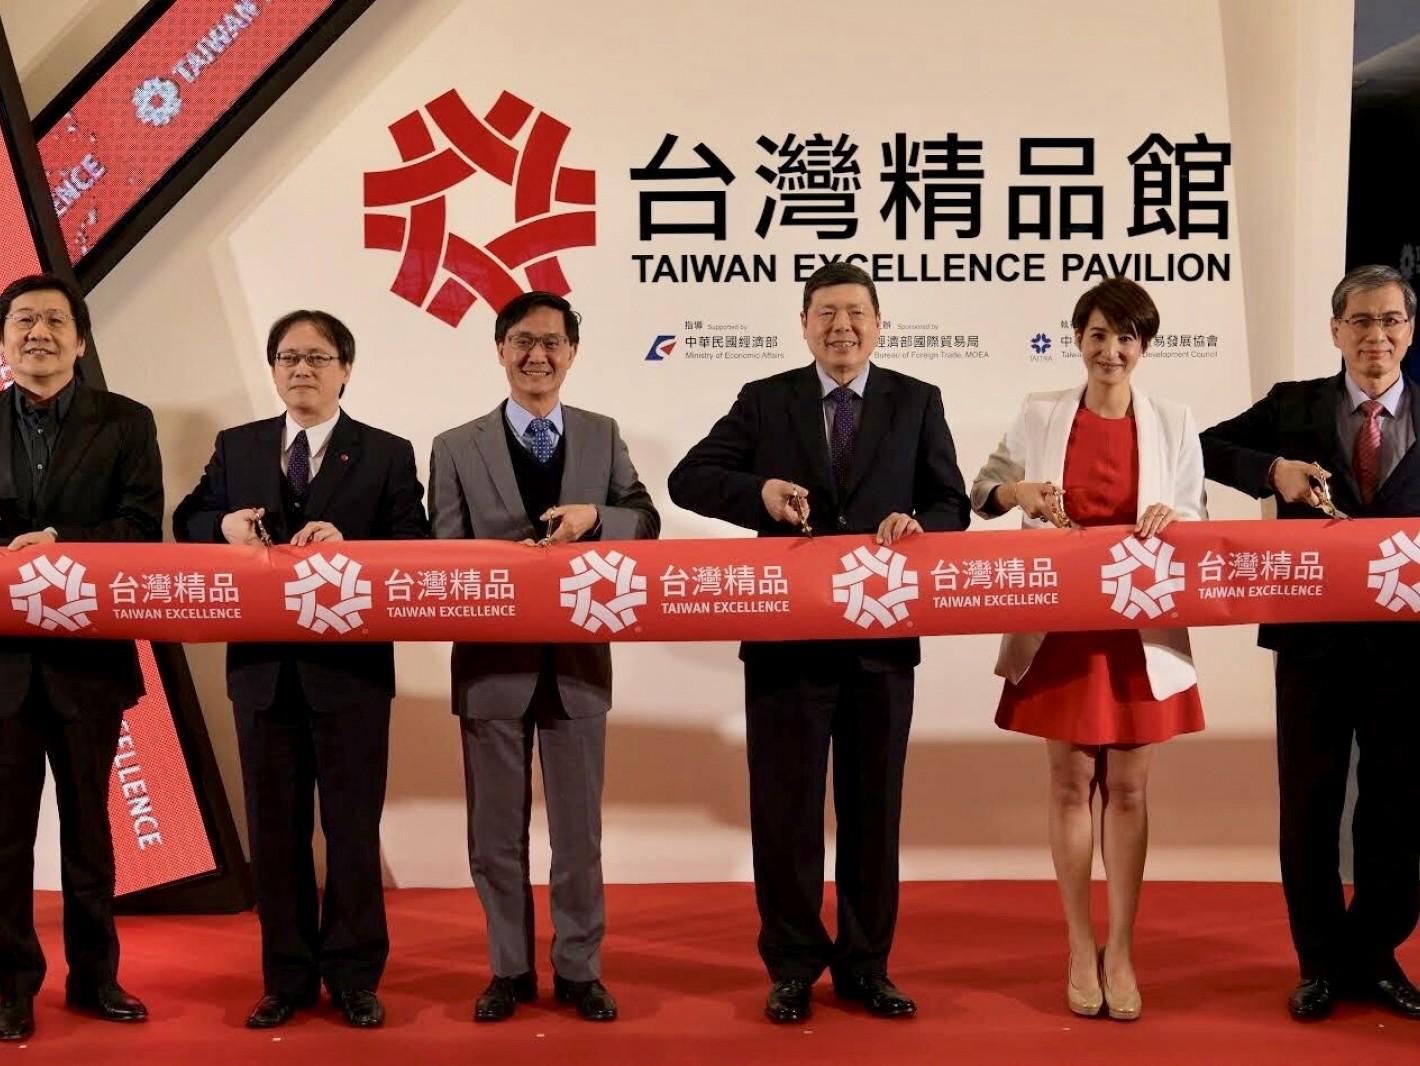 台灣精品館5日在南港展覽館正式開幕。貿協秘書長葉明水(右三)、貿易局主任秘書倪克浩(左三)、夏嘉璐主播(右二)與貴賓們共同剪綵。